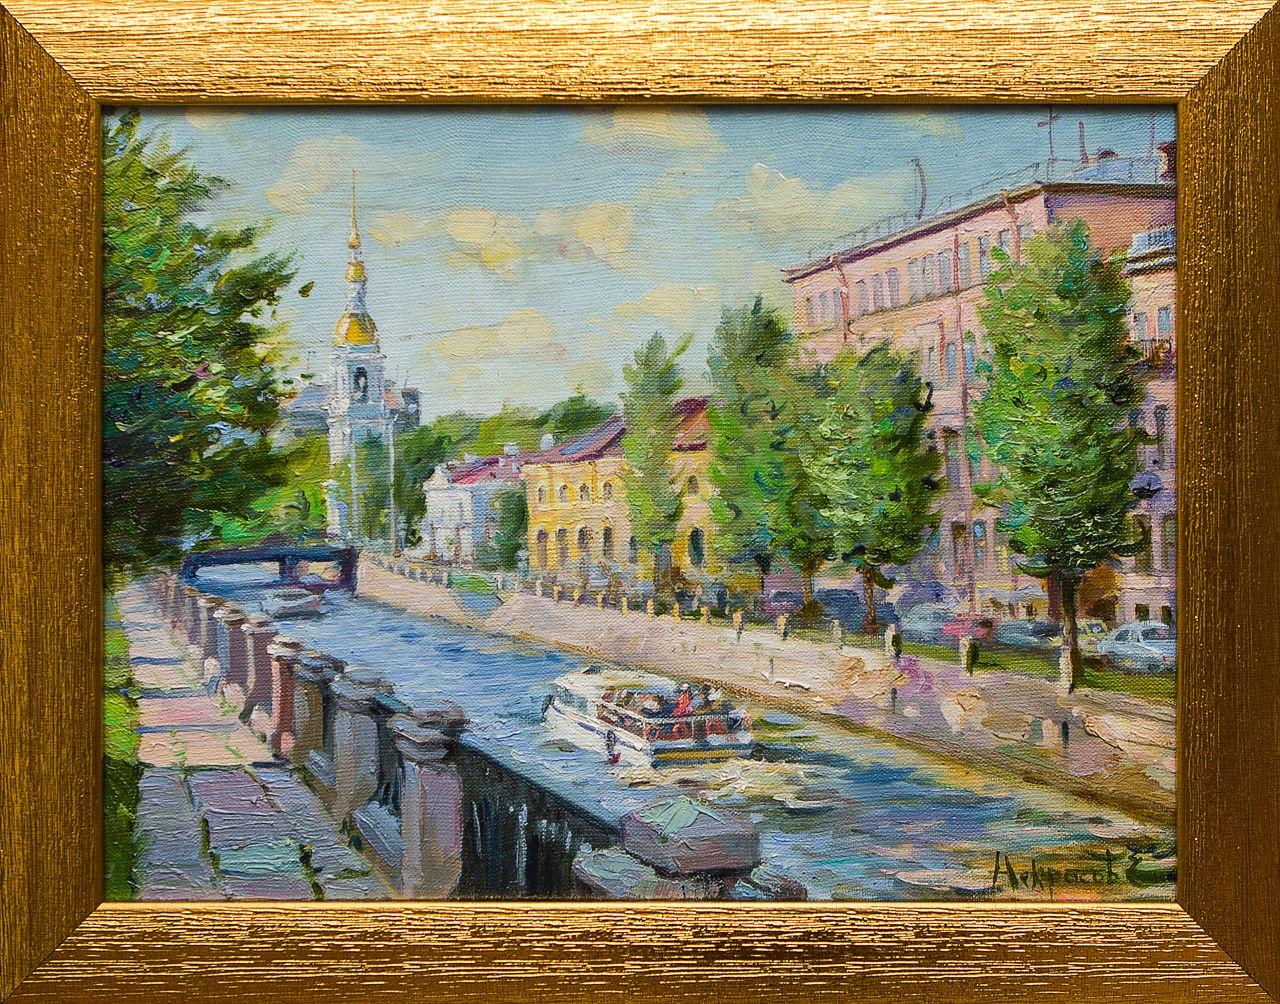 Крюков канал и колокольня Никольского собора е катерли некрасов